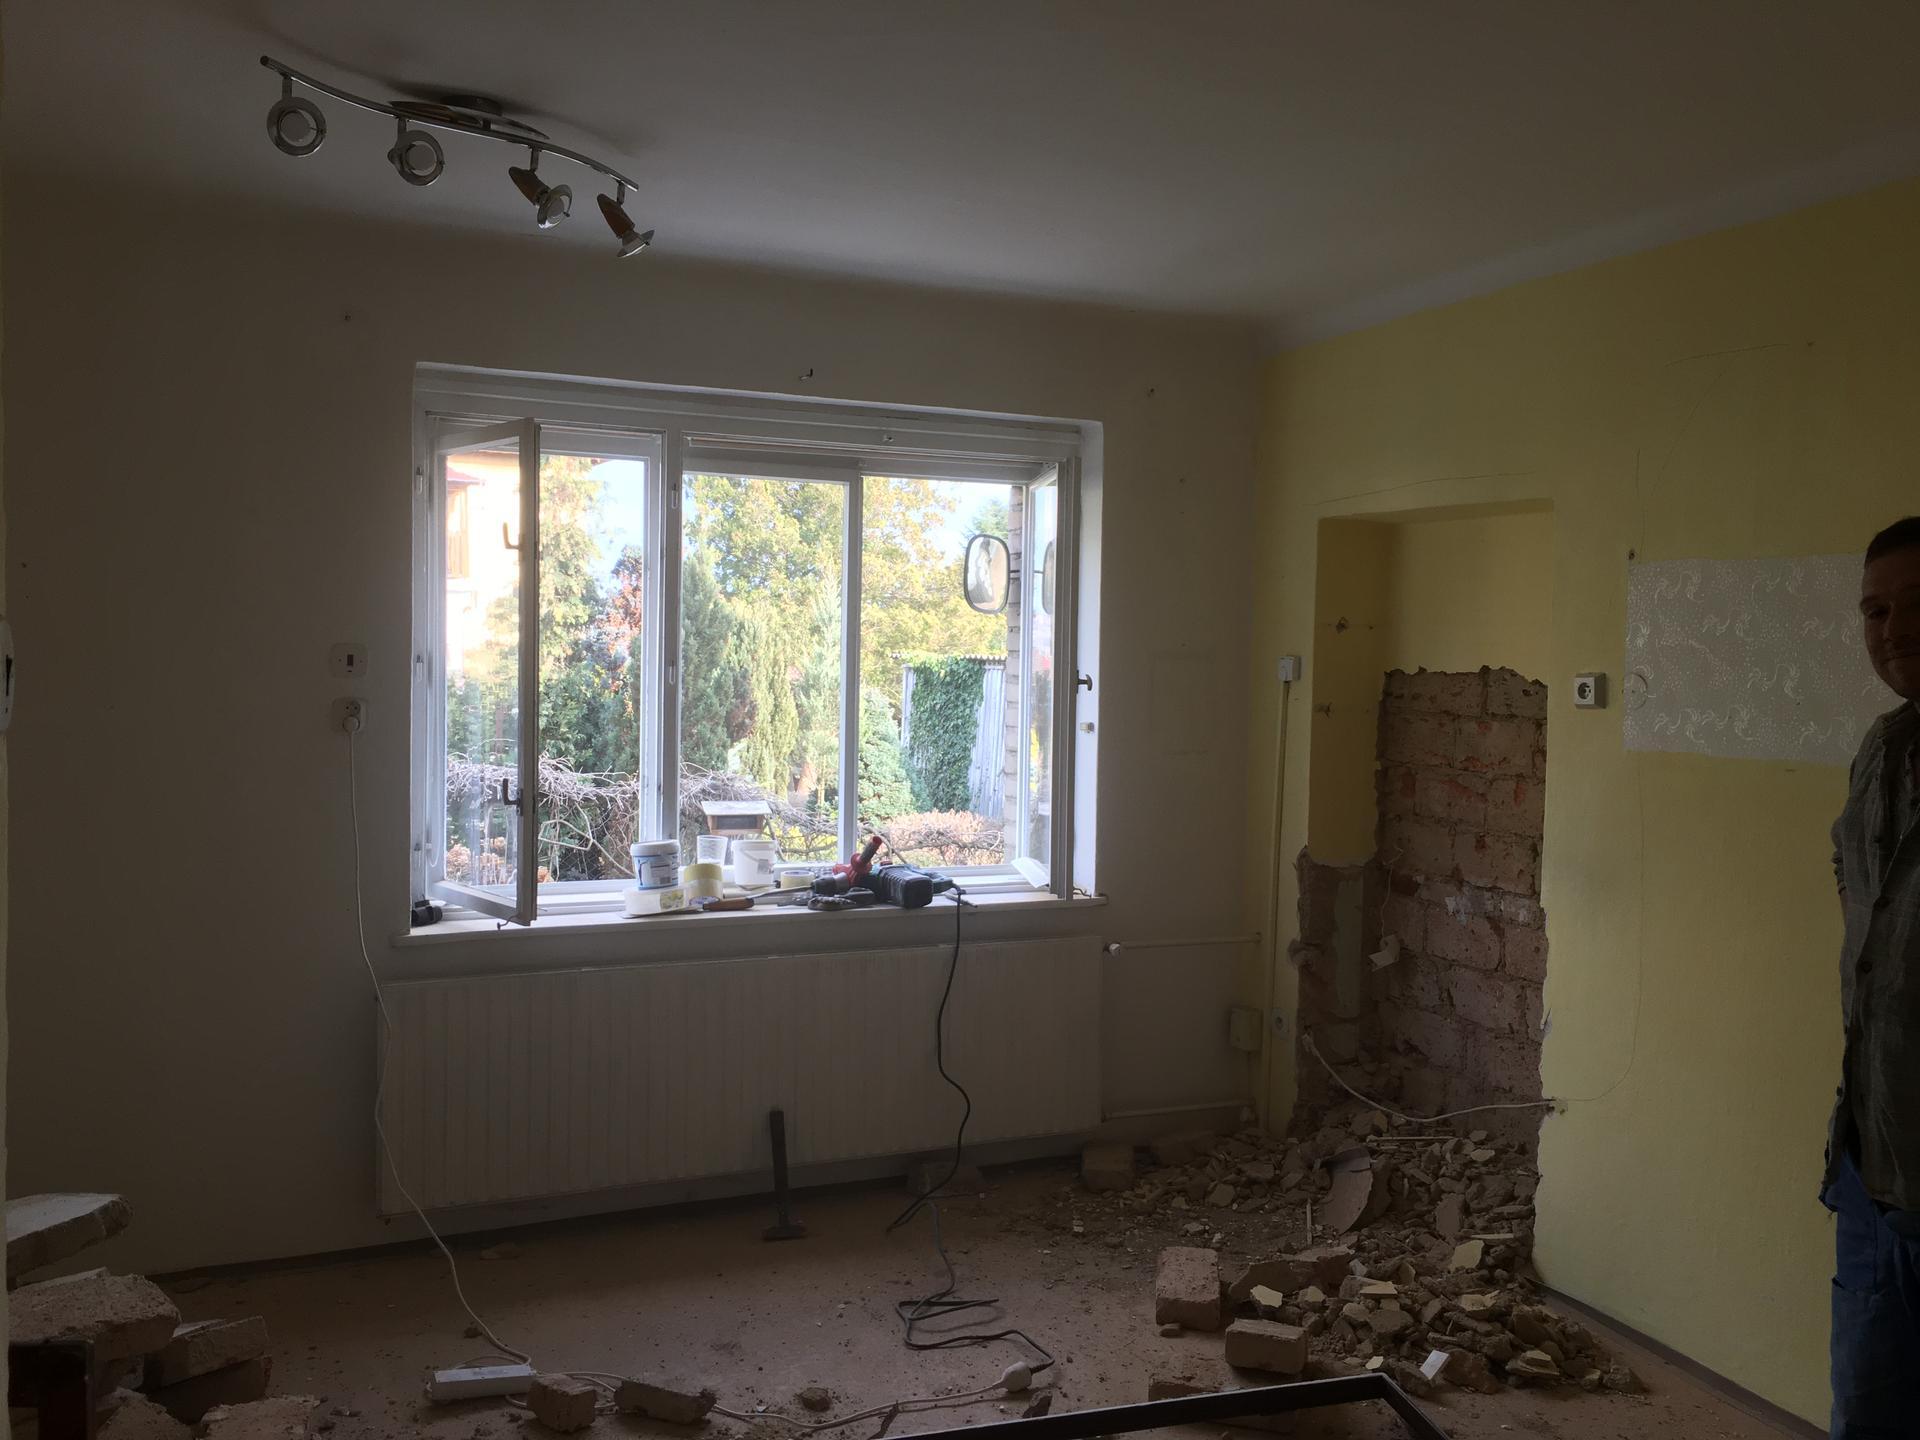 Rekonstrukce 🏡 20/21 - Obnova zazděných dveří